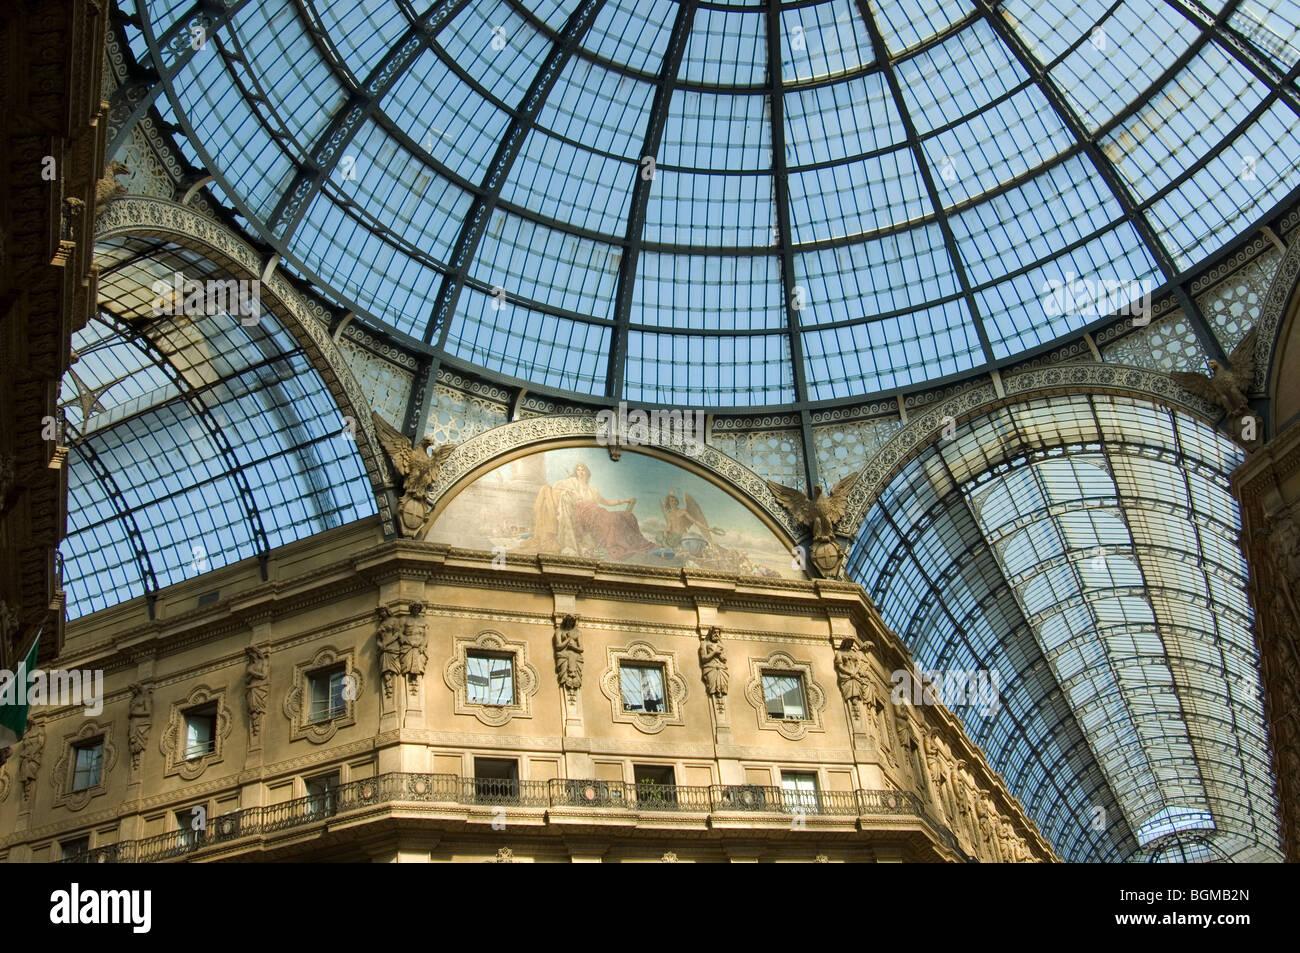 Il tetto in vetro della Galleria in Piazza Duomo Milano Immagini Stock